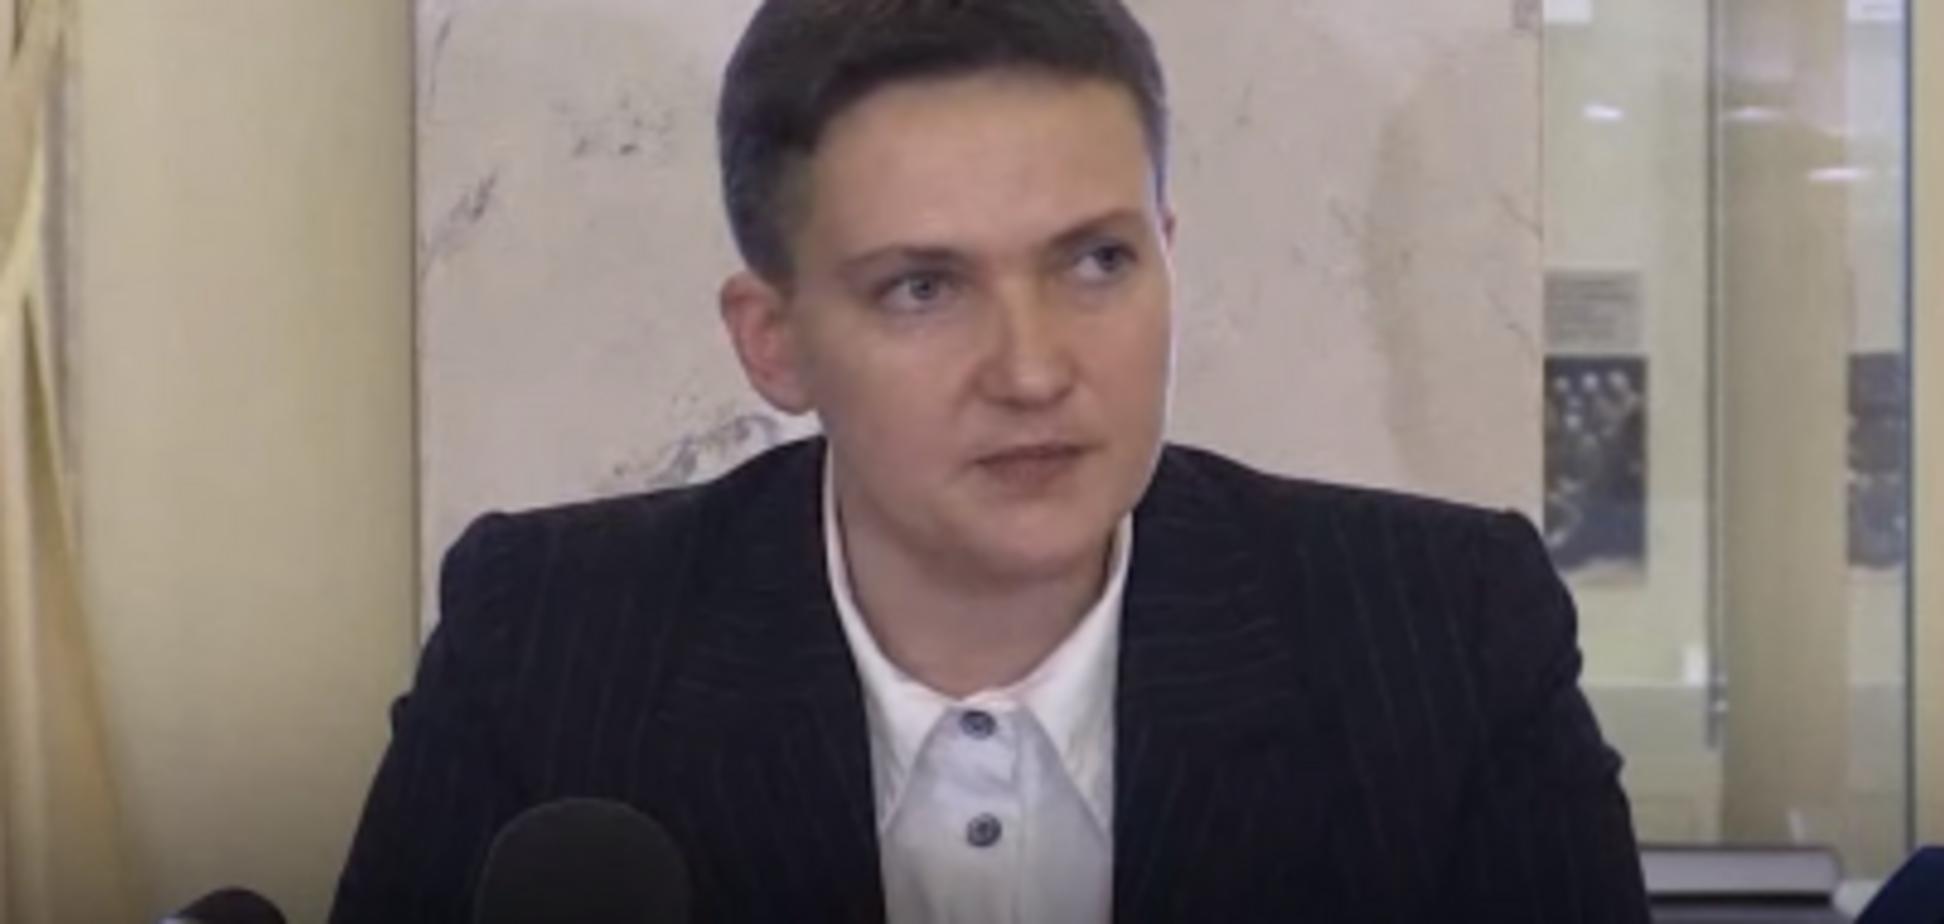 Замовлення Банкової і вибух Ради: нові 'сенсації' від Савченко